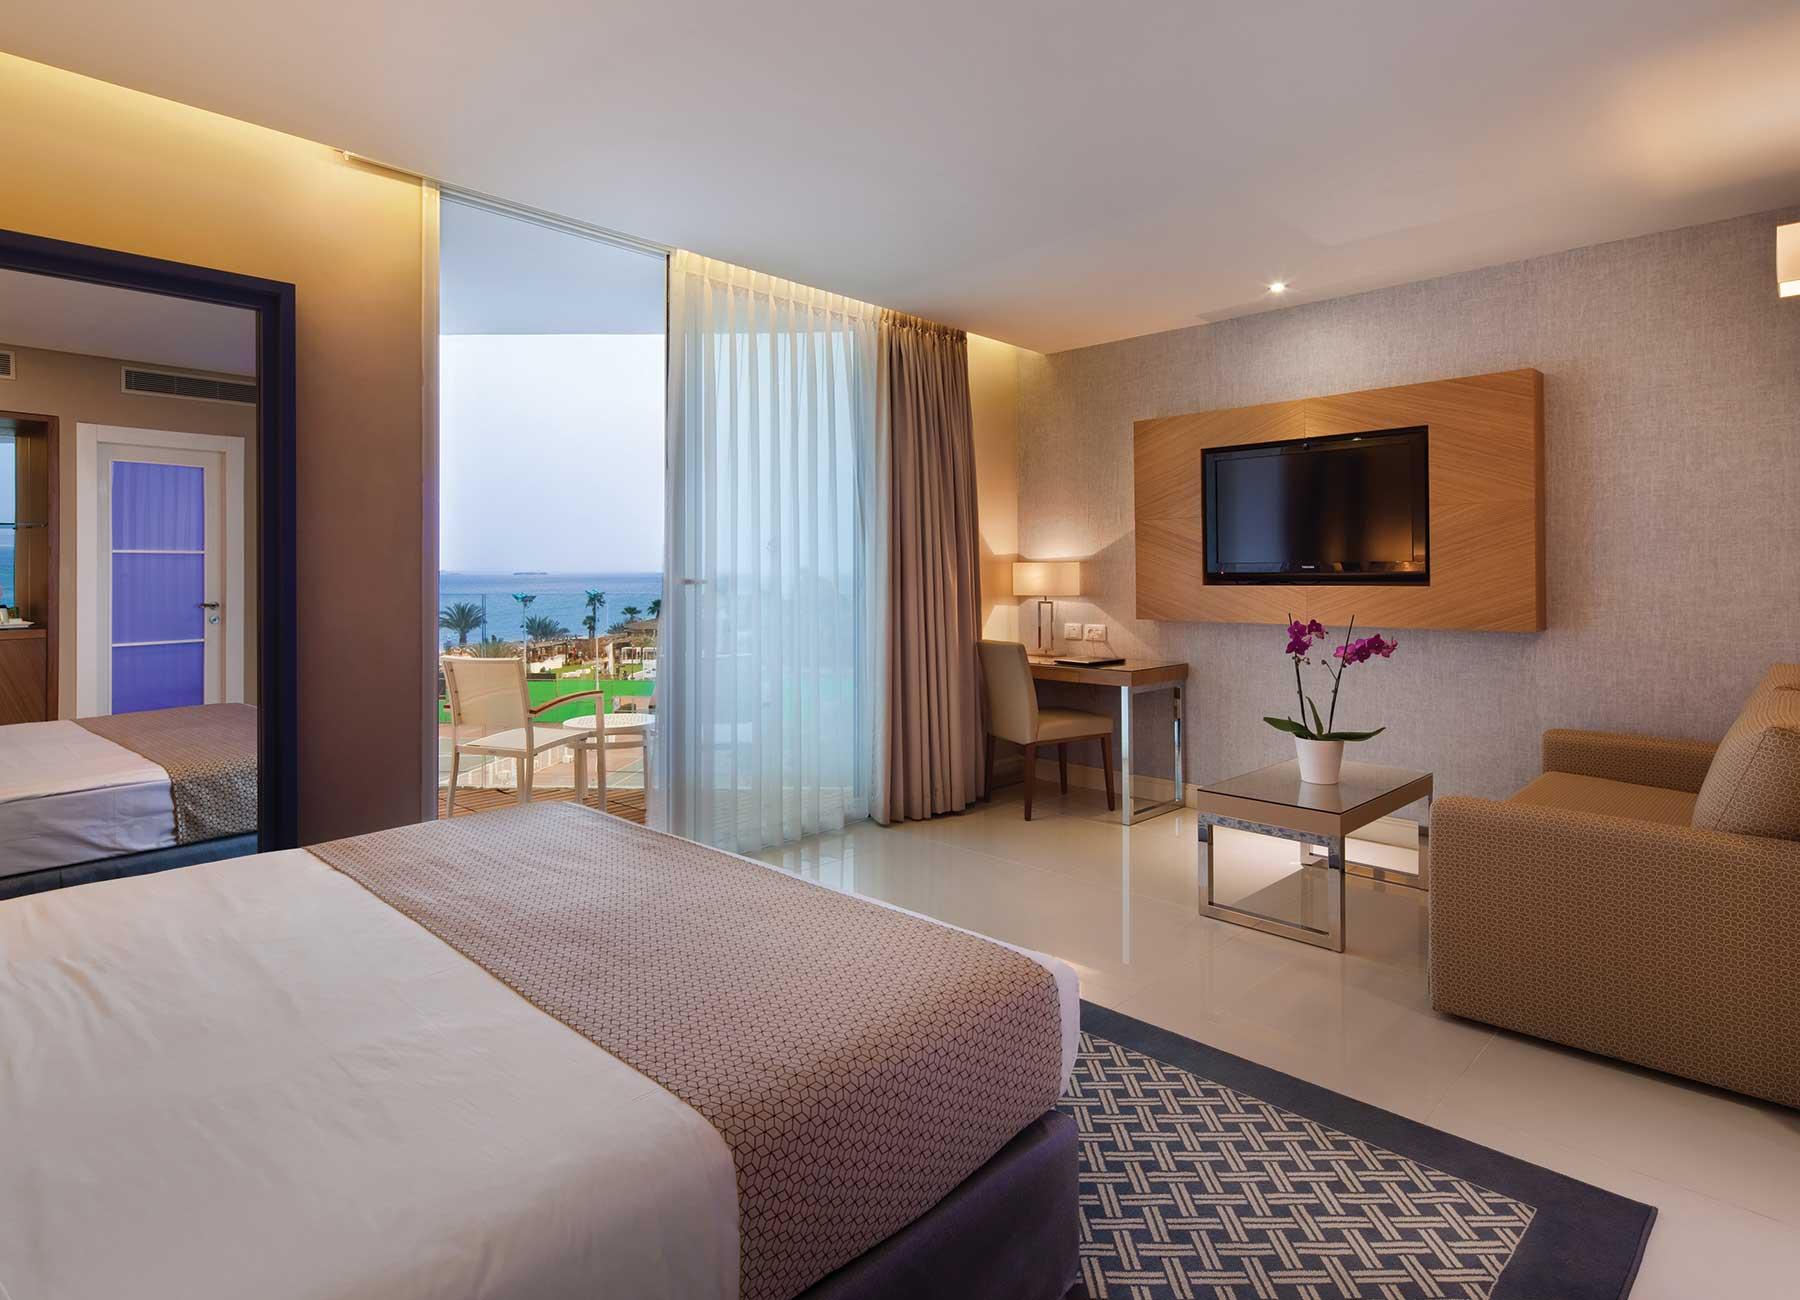 חדר עם מרפסת במלון הרברט סמואל הריף אילת